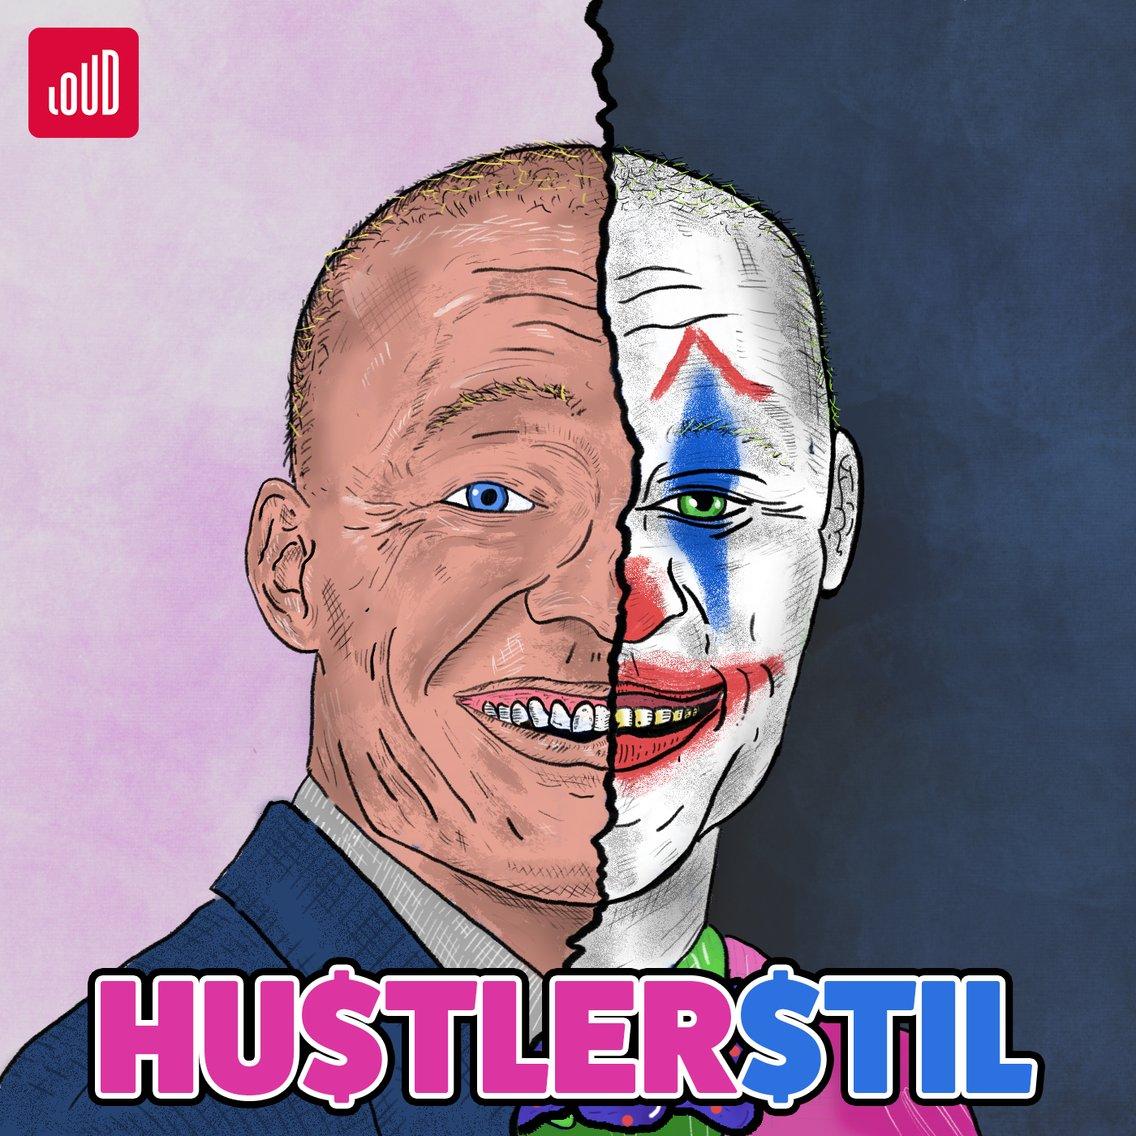 Hustlerstil - immagine di copertina